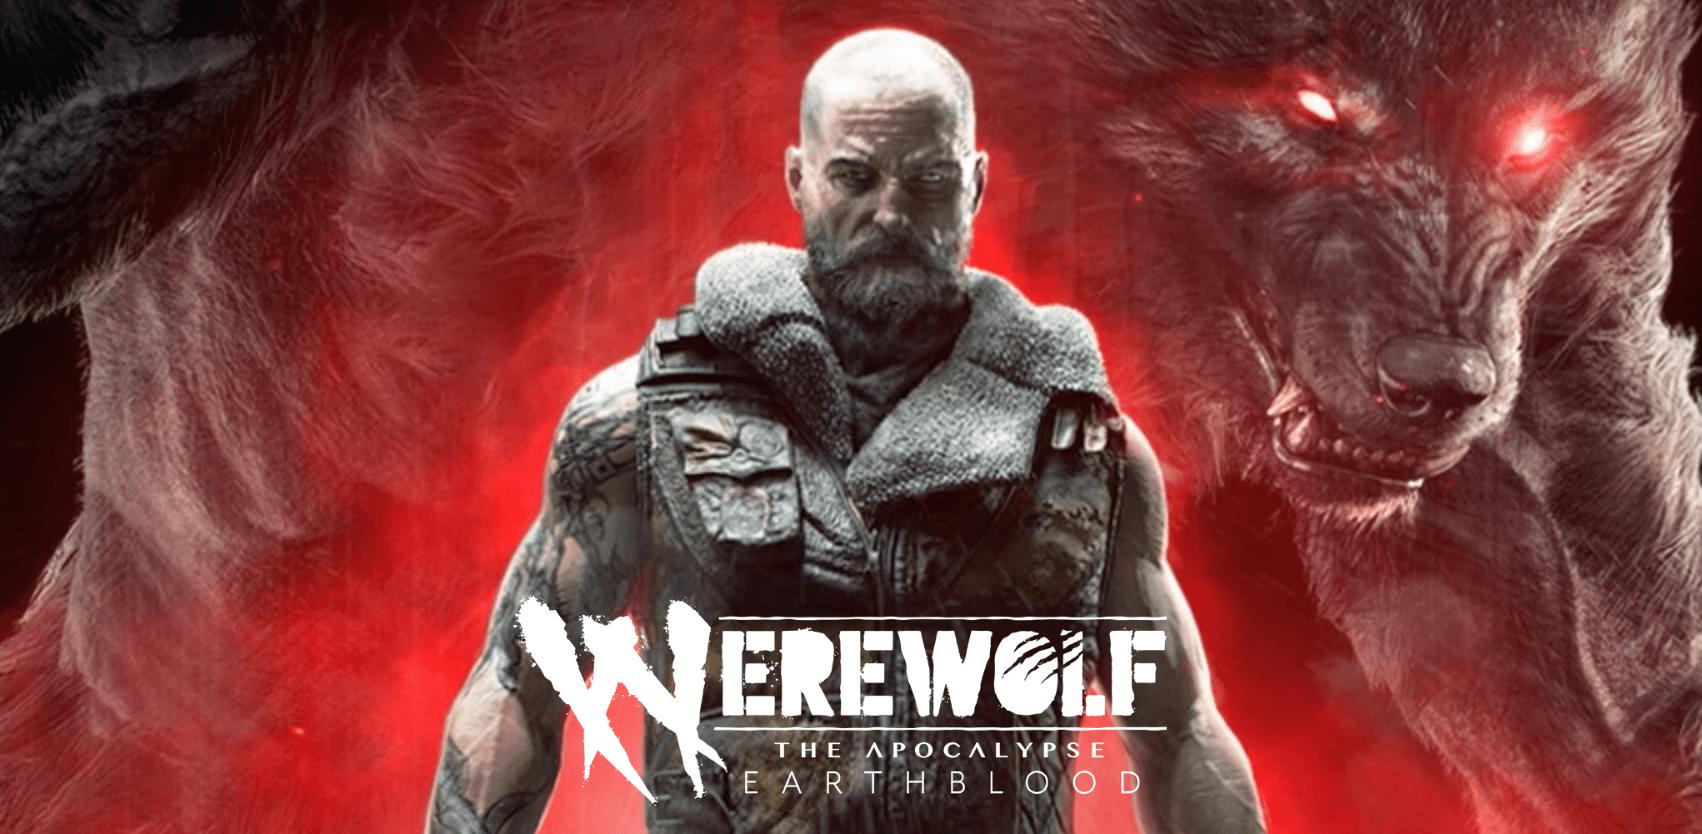 Werewolf: The Apocalypse- Earthblood